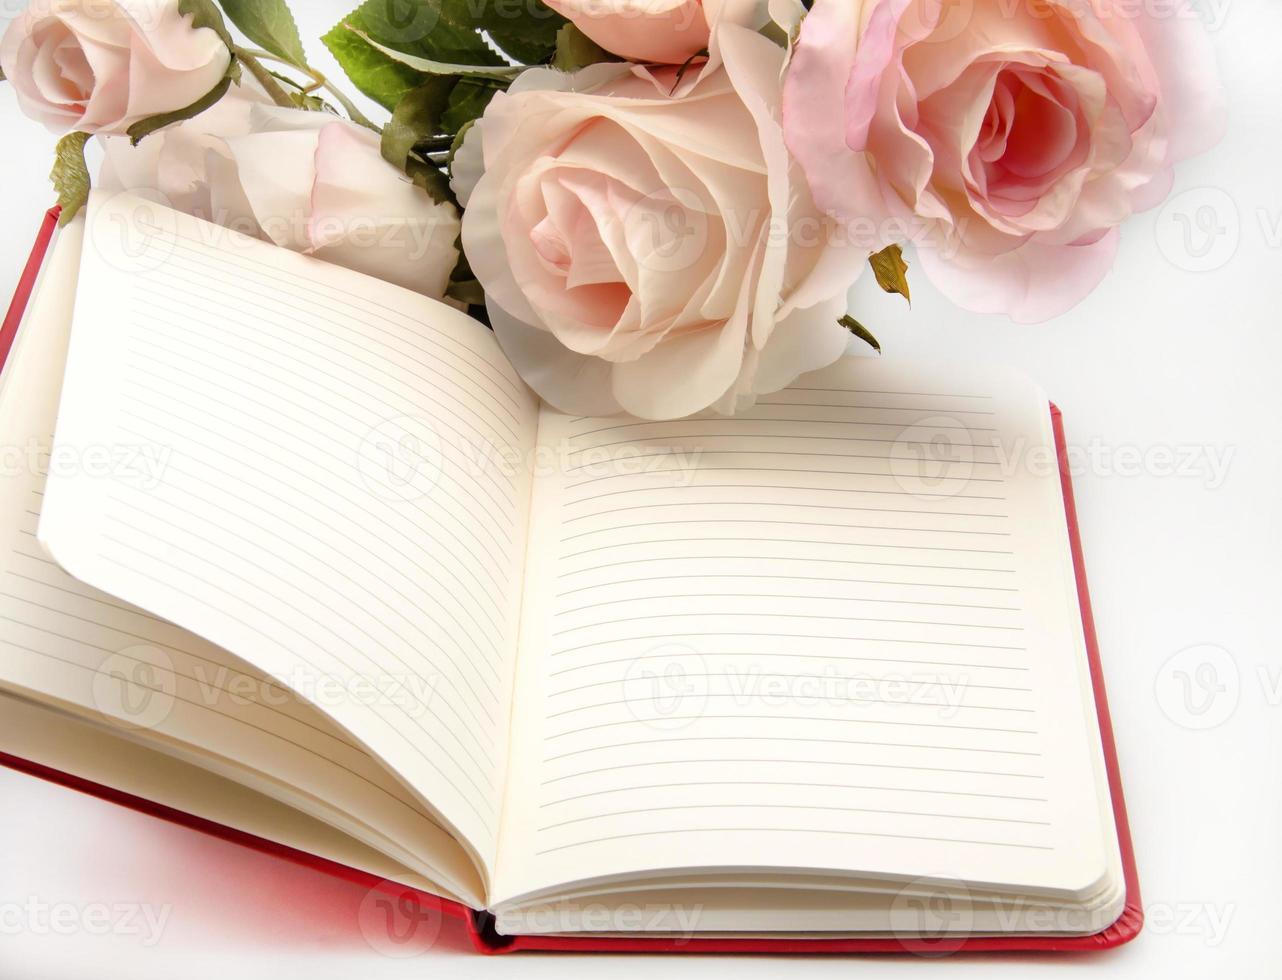 caderno com flores foto